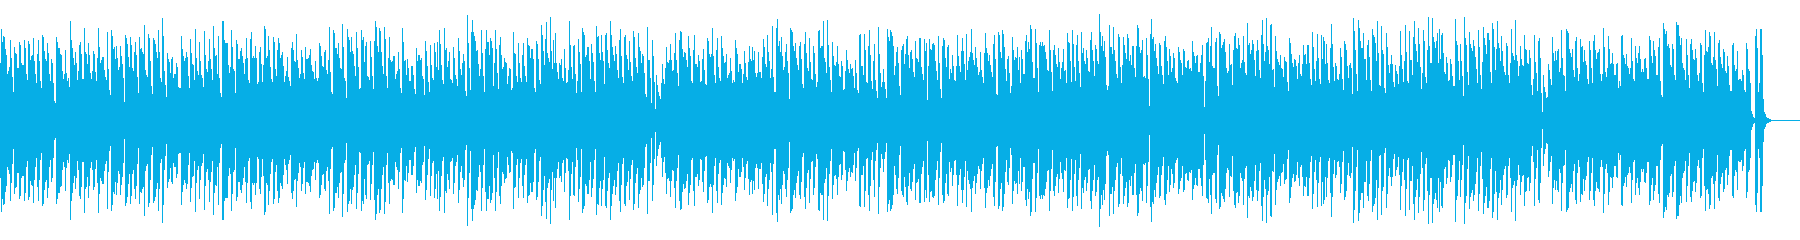 陽気で小粋アコーディオンワルツの再生済みの波形